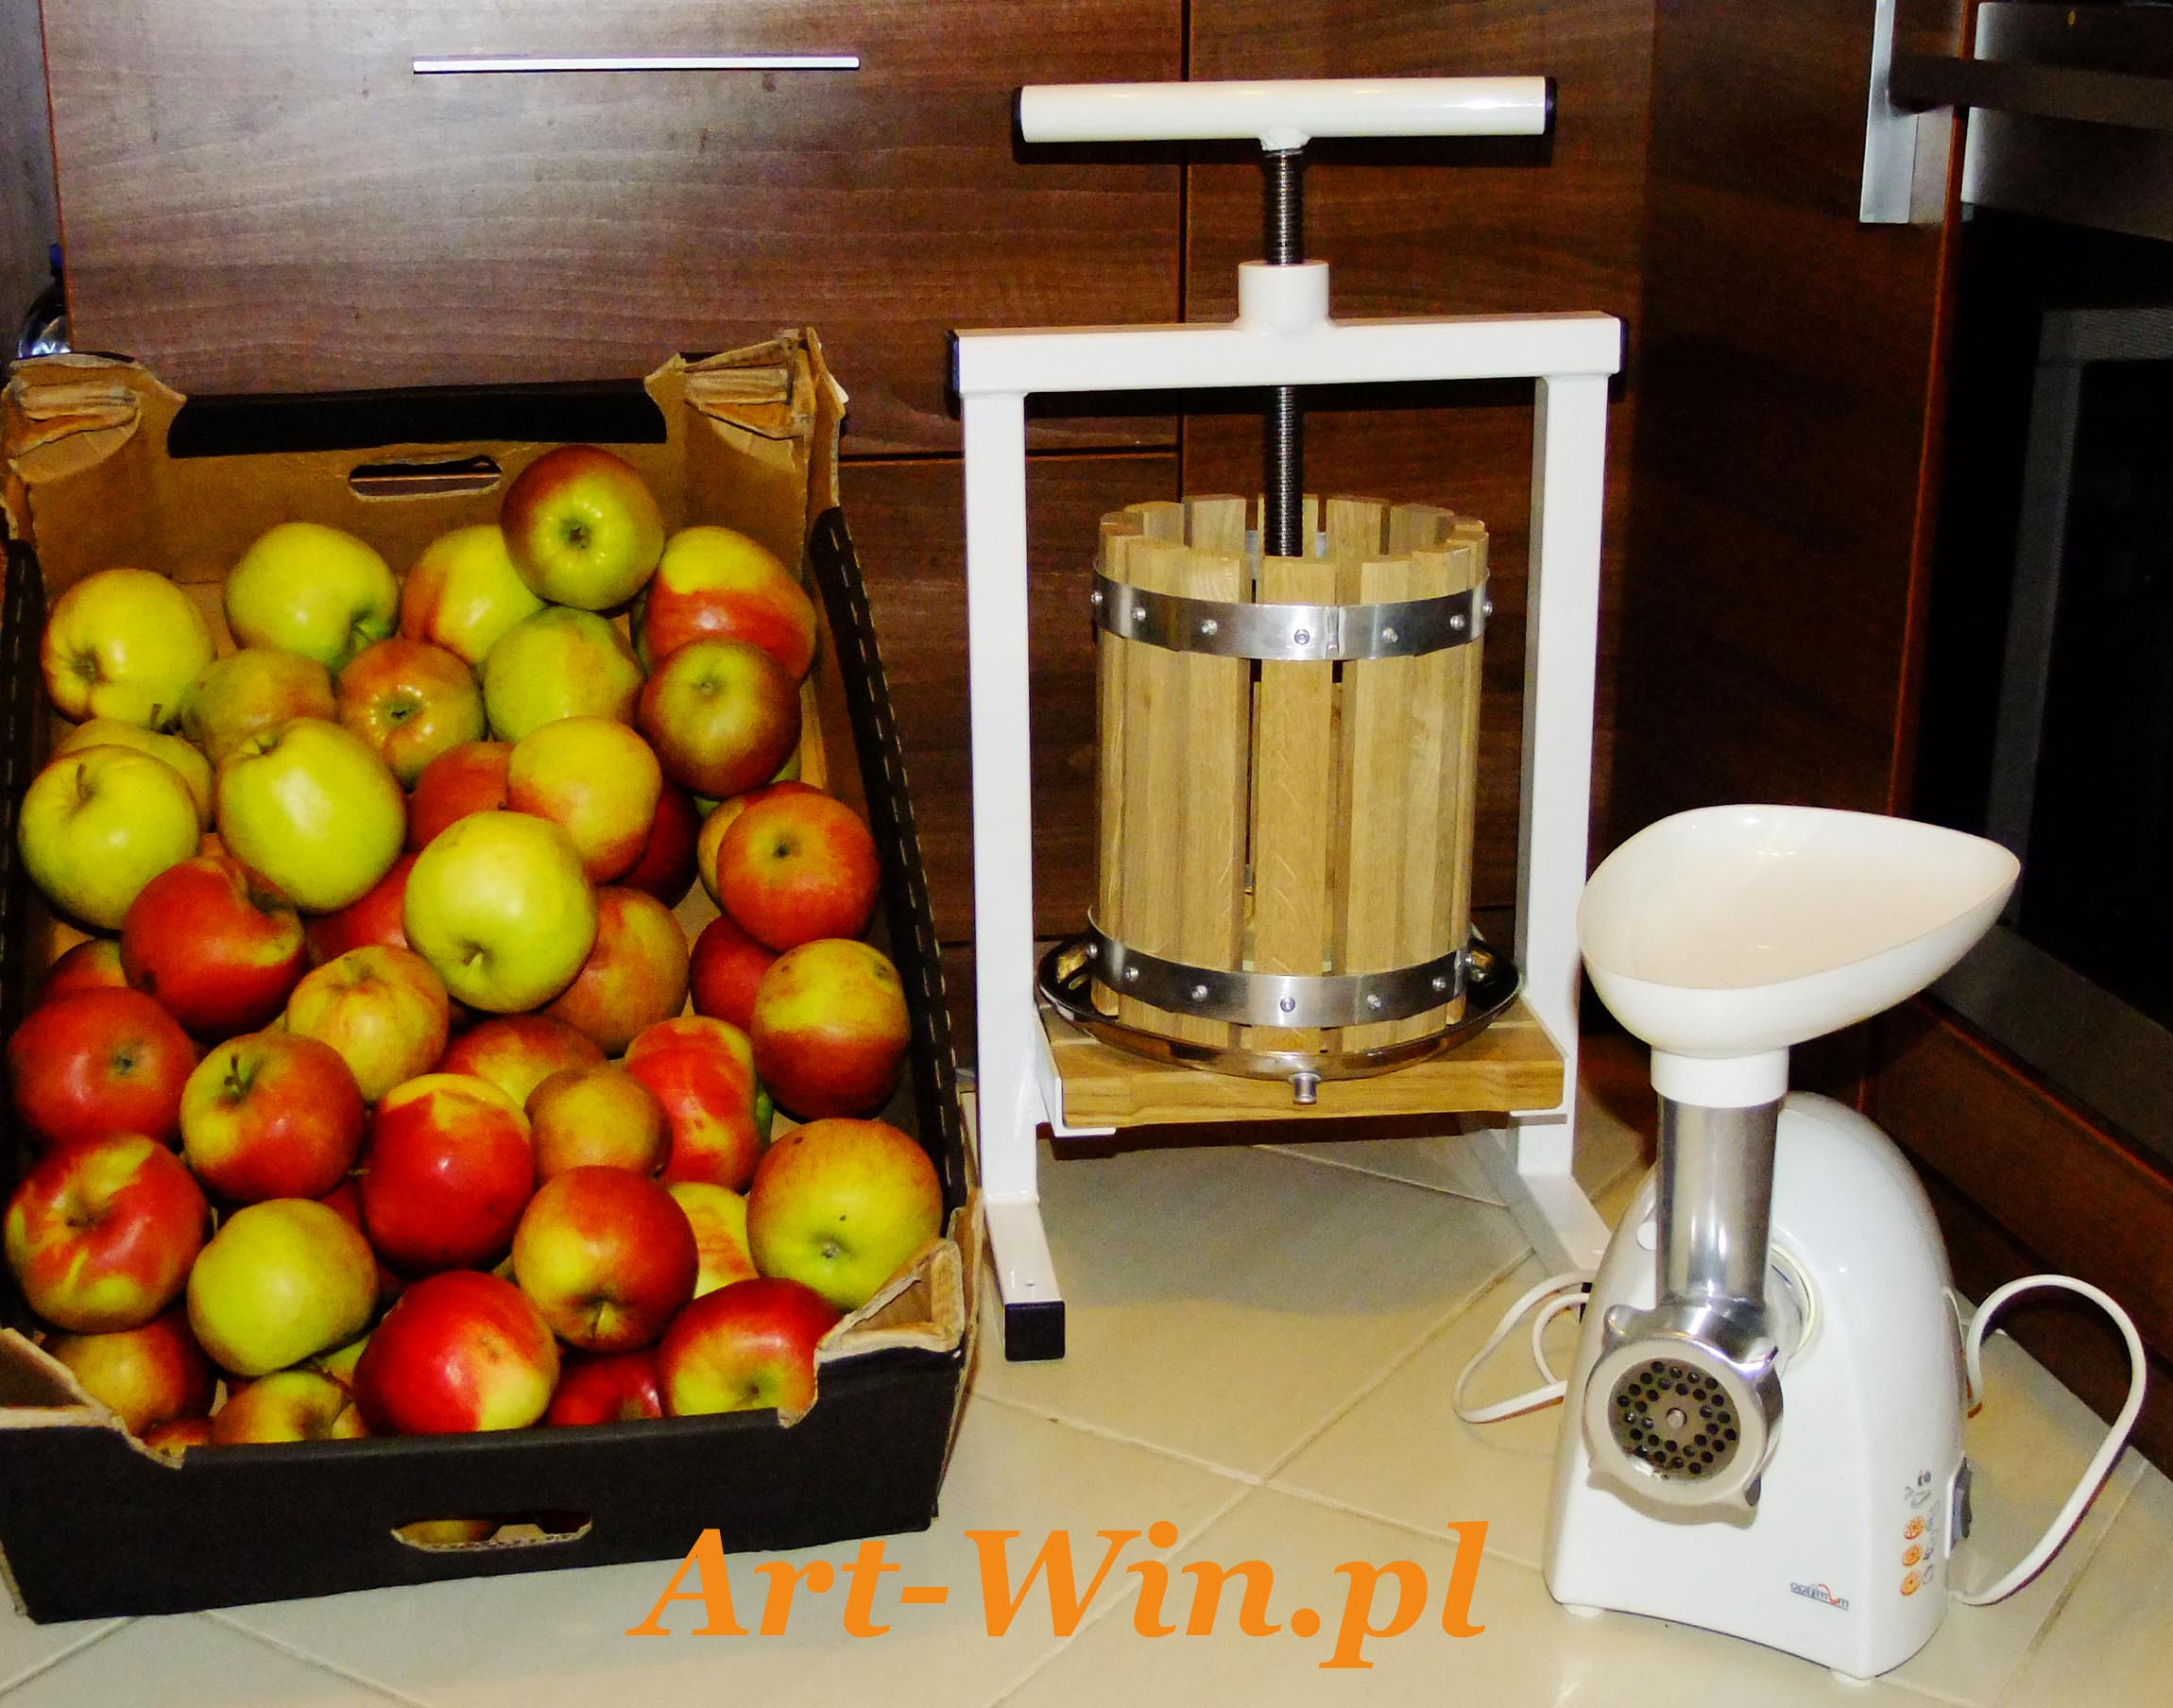 Wszystko co potrzebne do wyciskanie zdrowego soku z jabłek. 1. Prasa ramowa firmy ART WIN 2. Maszynka do mielenia 3. Jabłka